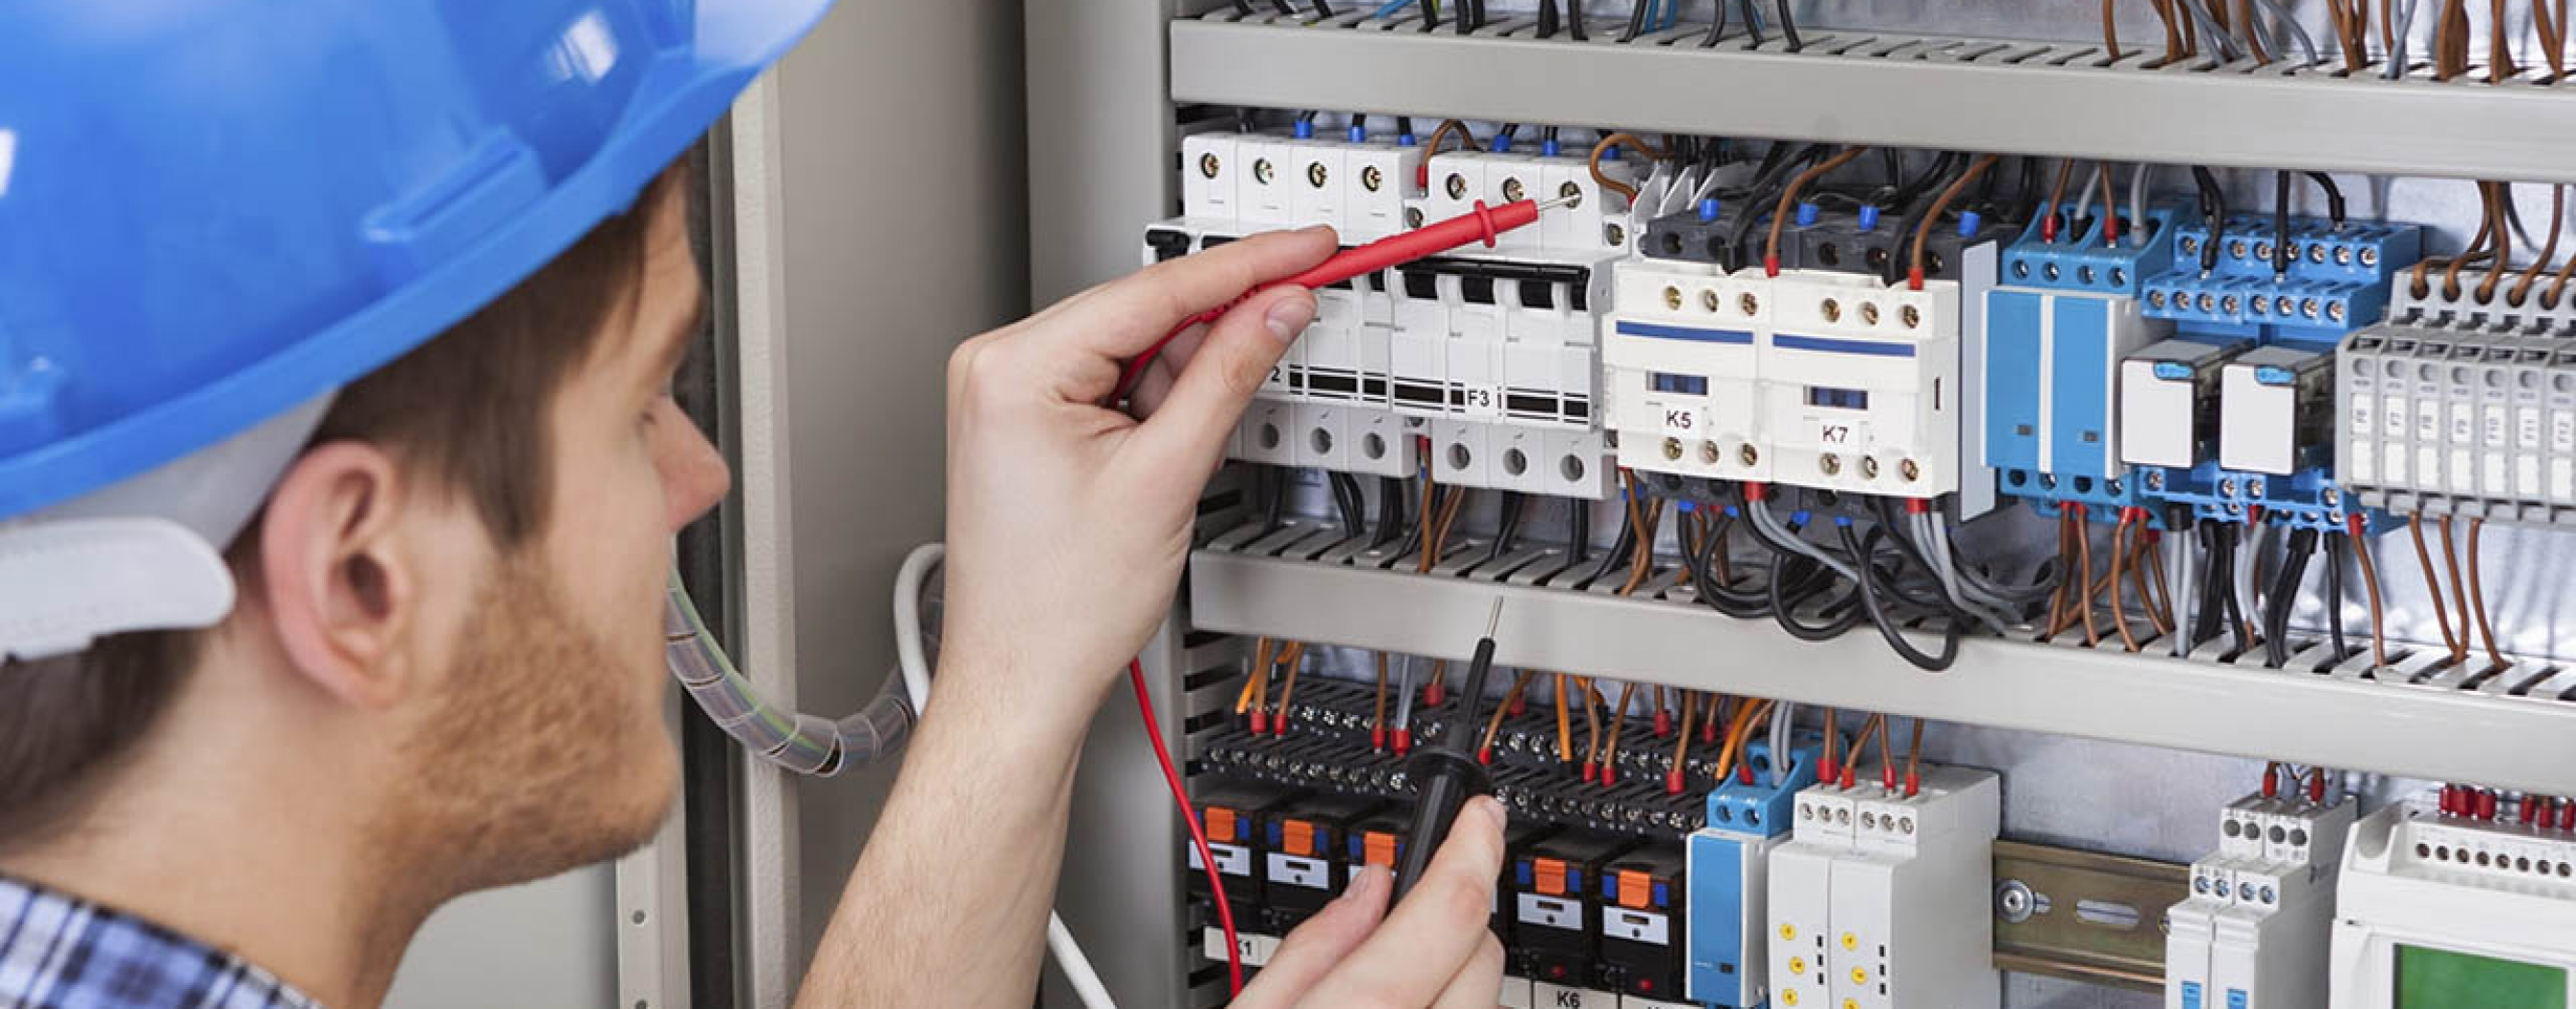 impianto_elettrico_1-1-e1458907431249_0000_pronto-intervento-elettricista-roma